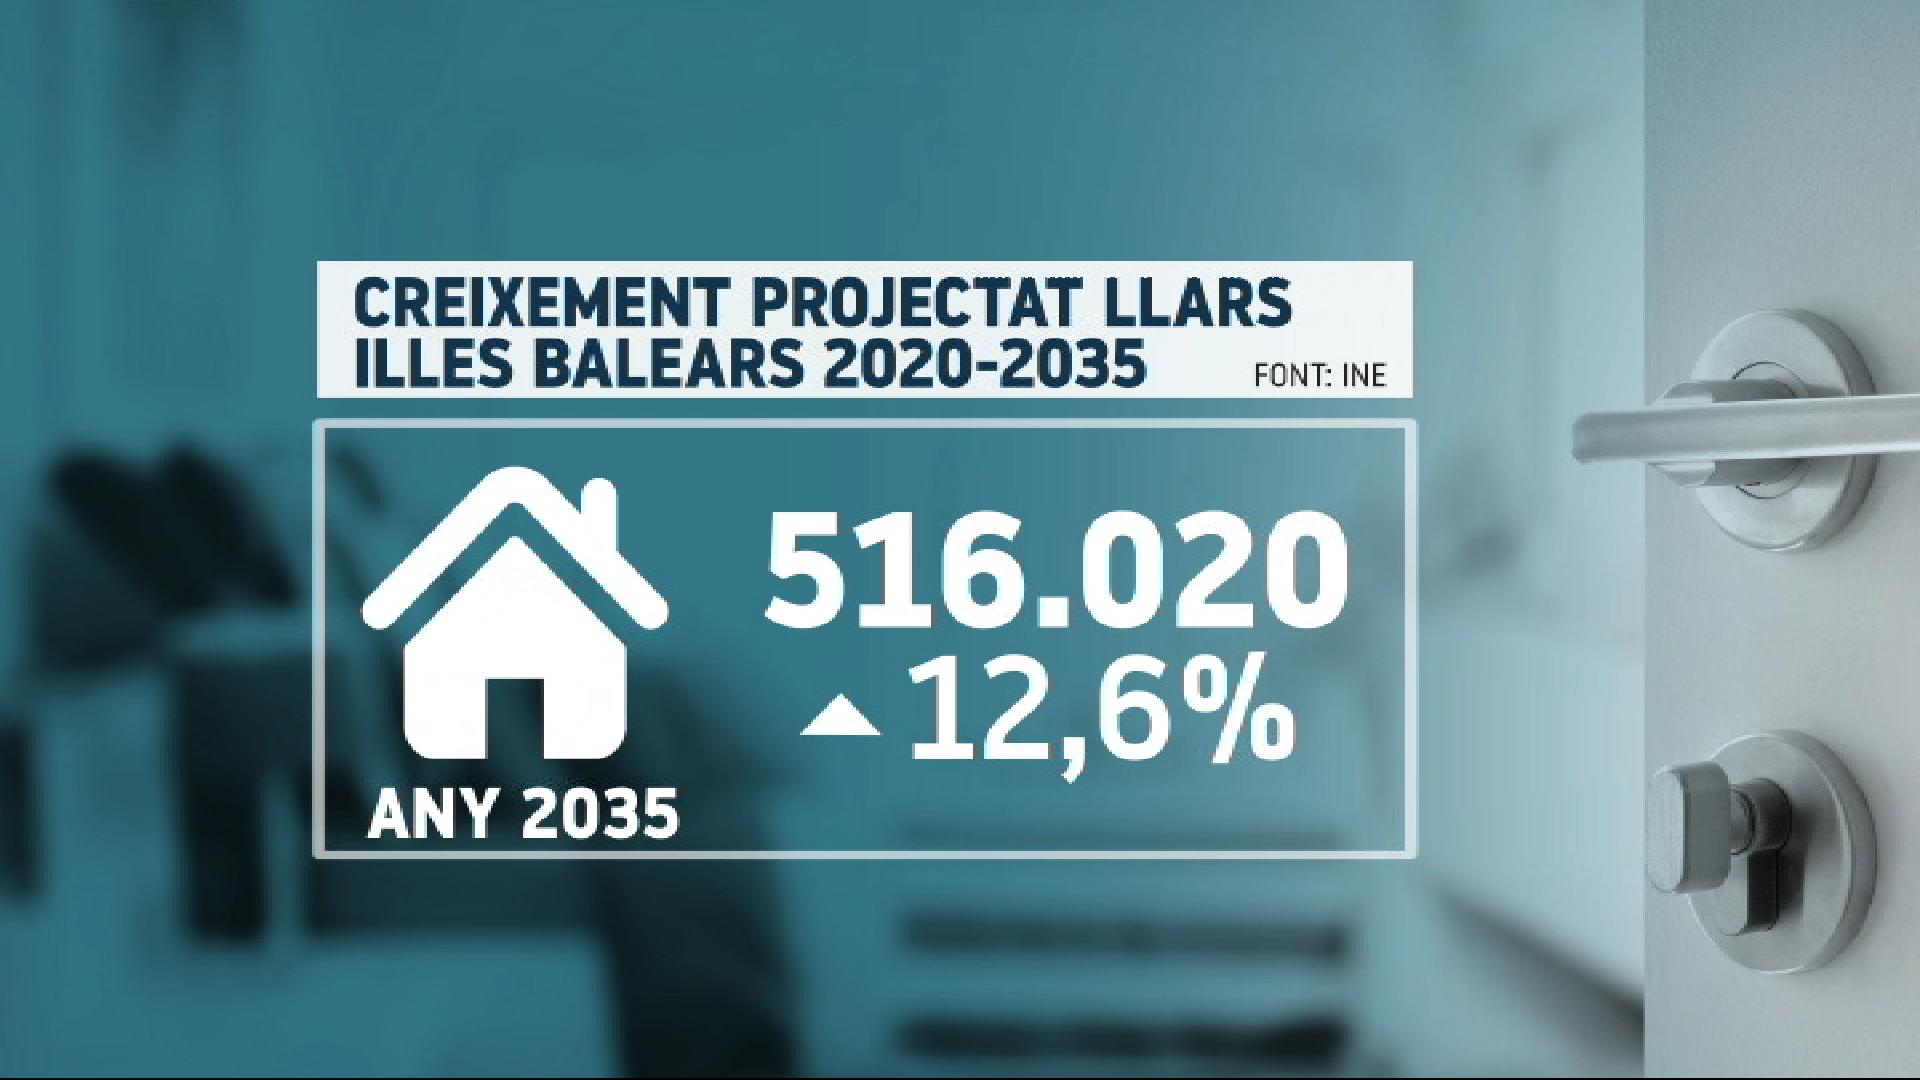 El+nombre+de+llars+a+les+Illes+Balears+s%27incrementar%C3%A0+un+12%25+en+els+propers+15+anys